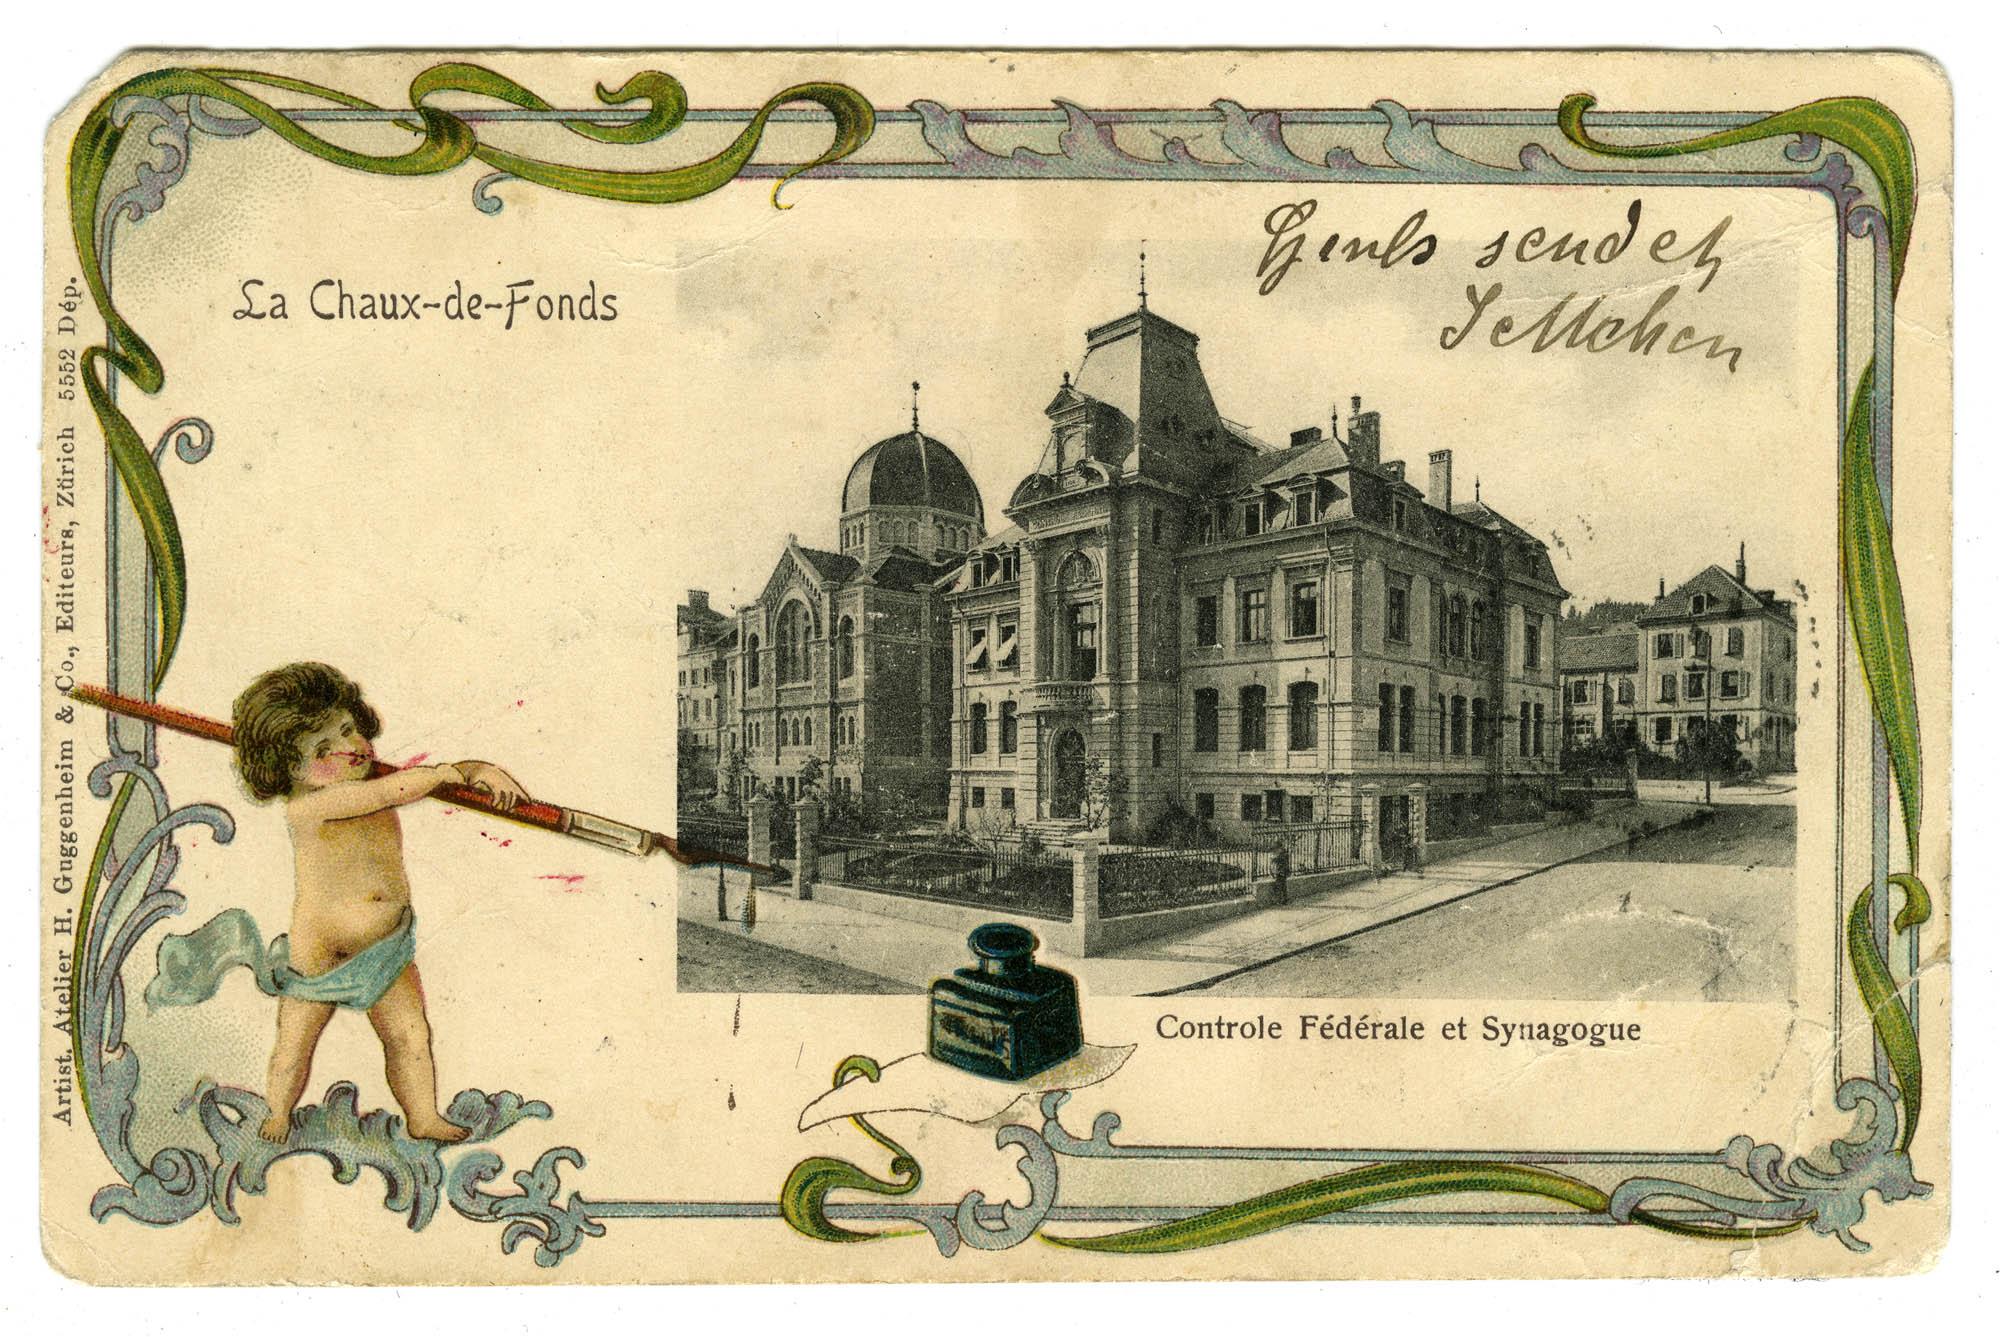 La Chaux-de-Fonds, Controle Fédérale et Synagogue